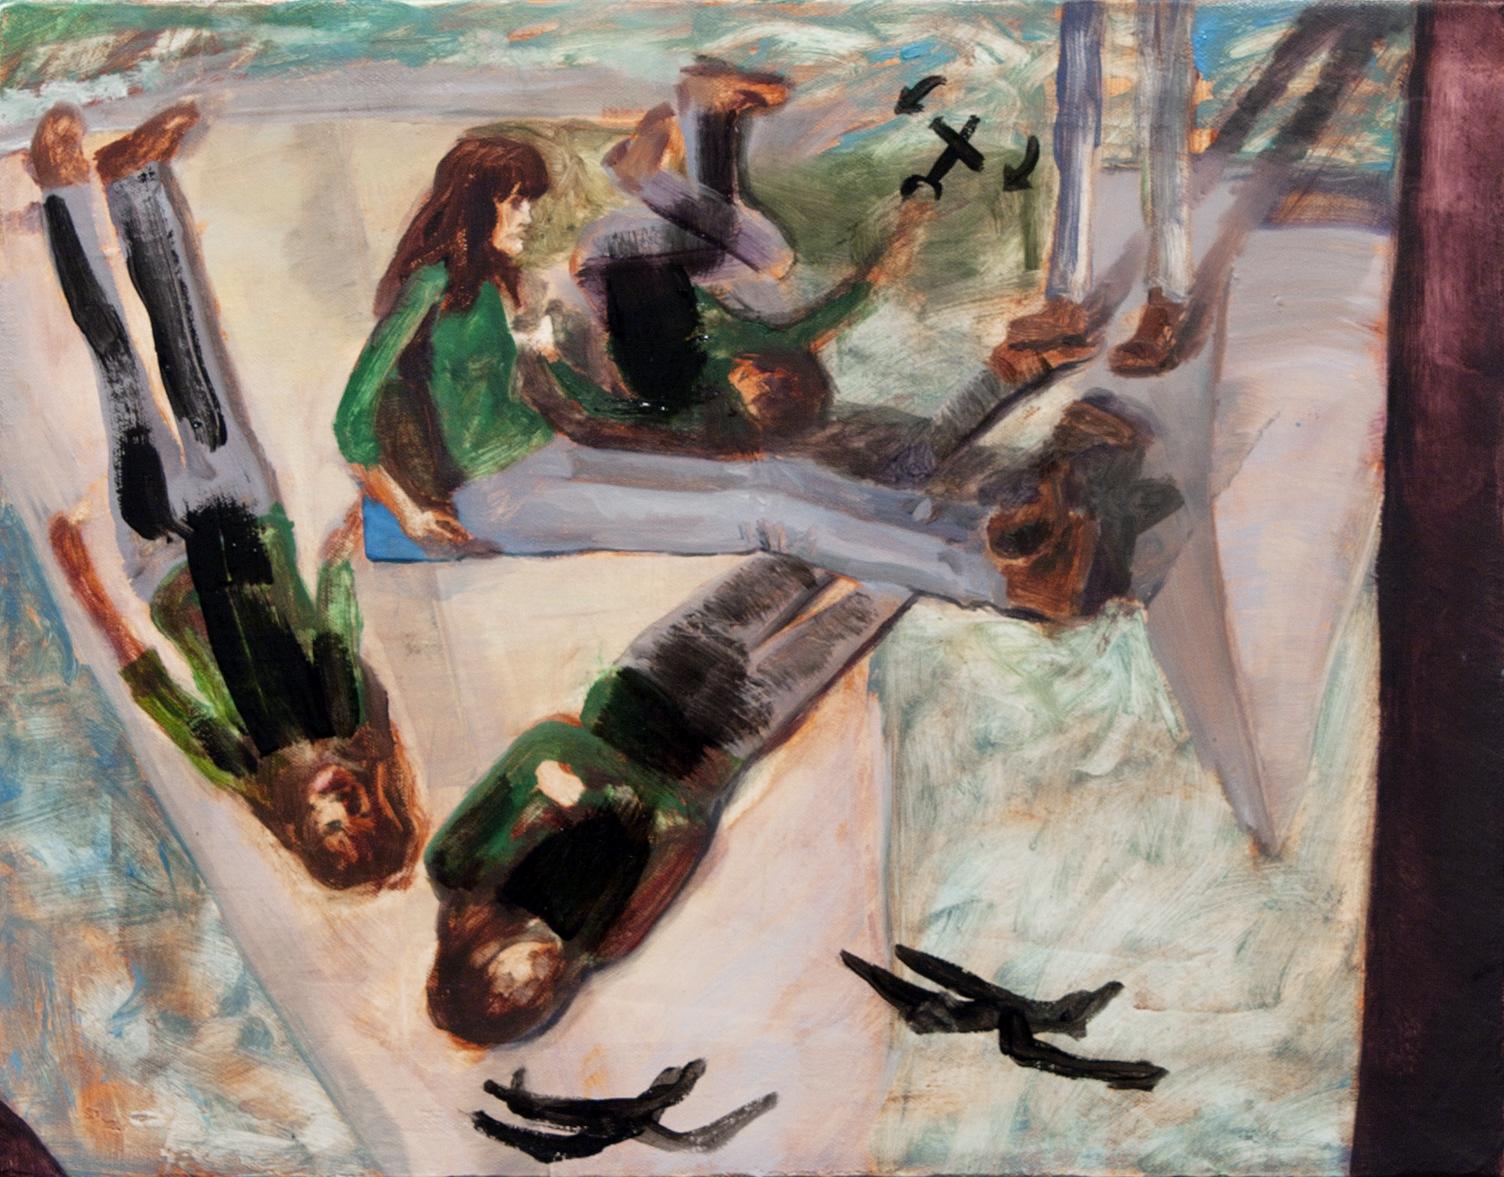 burial at sea.jpg